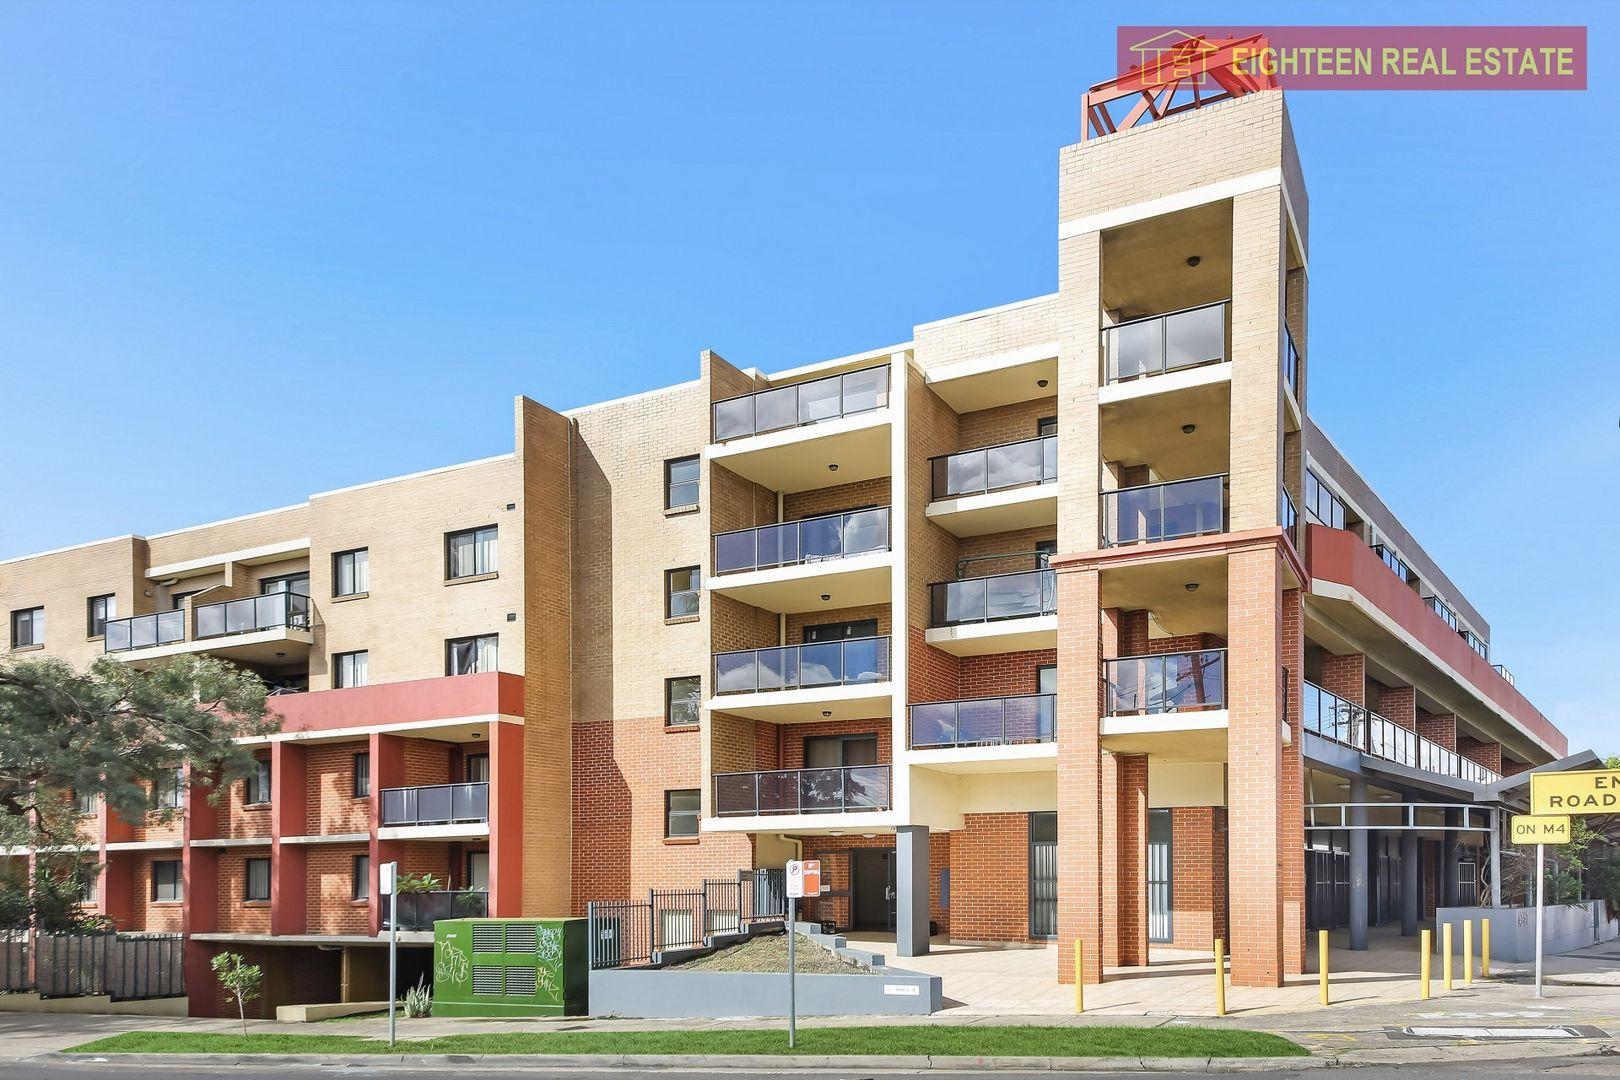 43/143-147 Parramatta Rd, Concord NSW 2137, Image 0